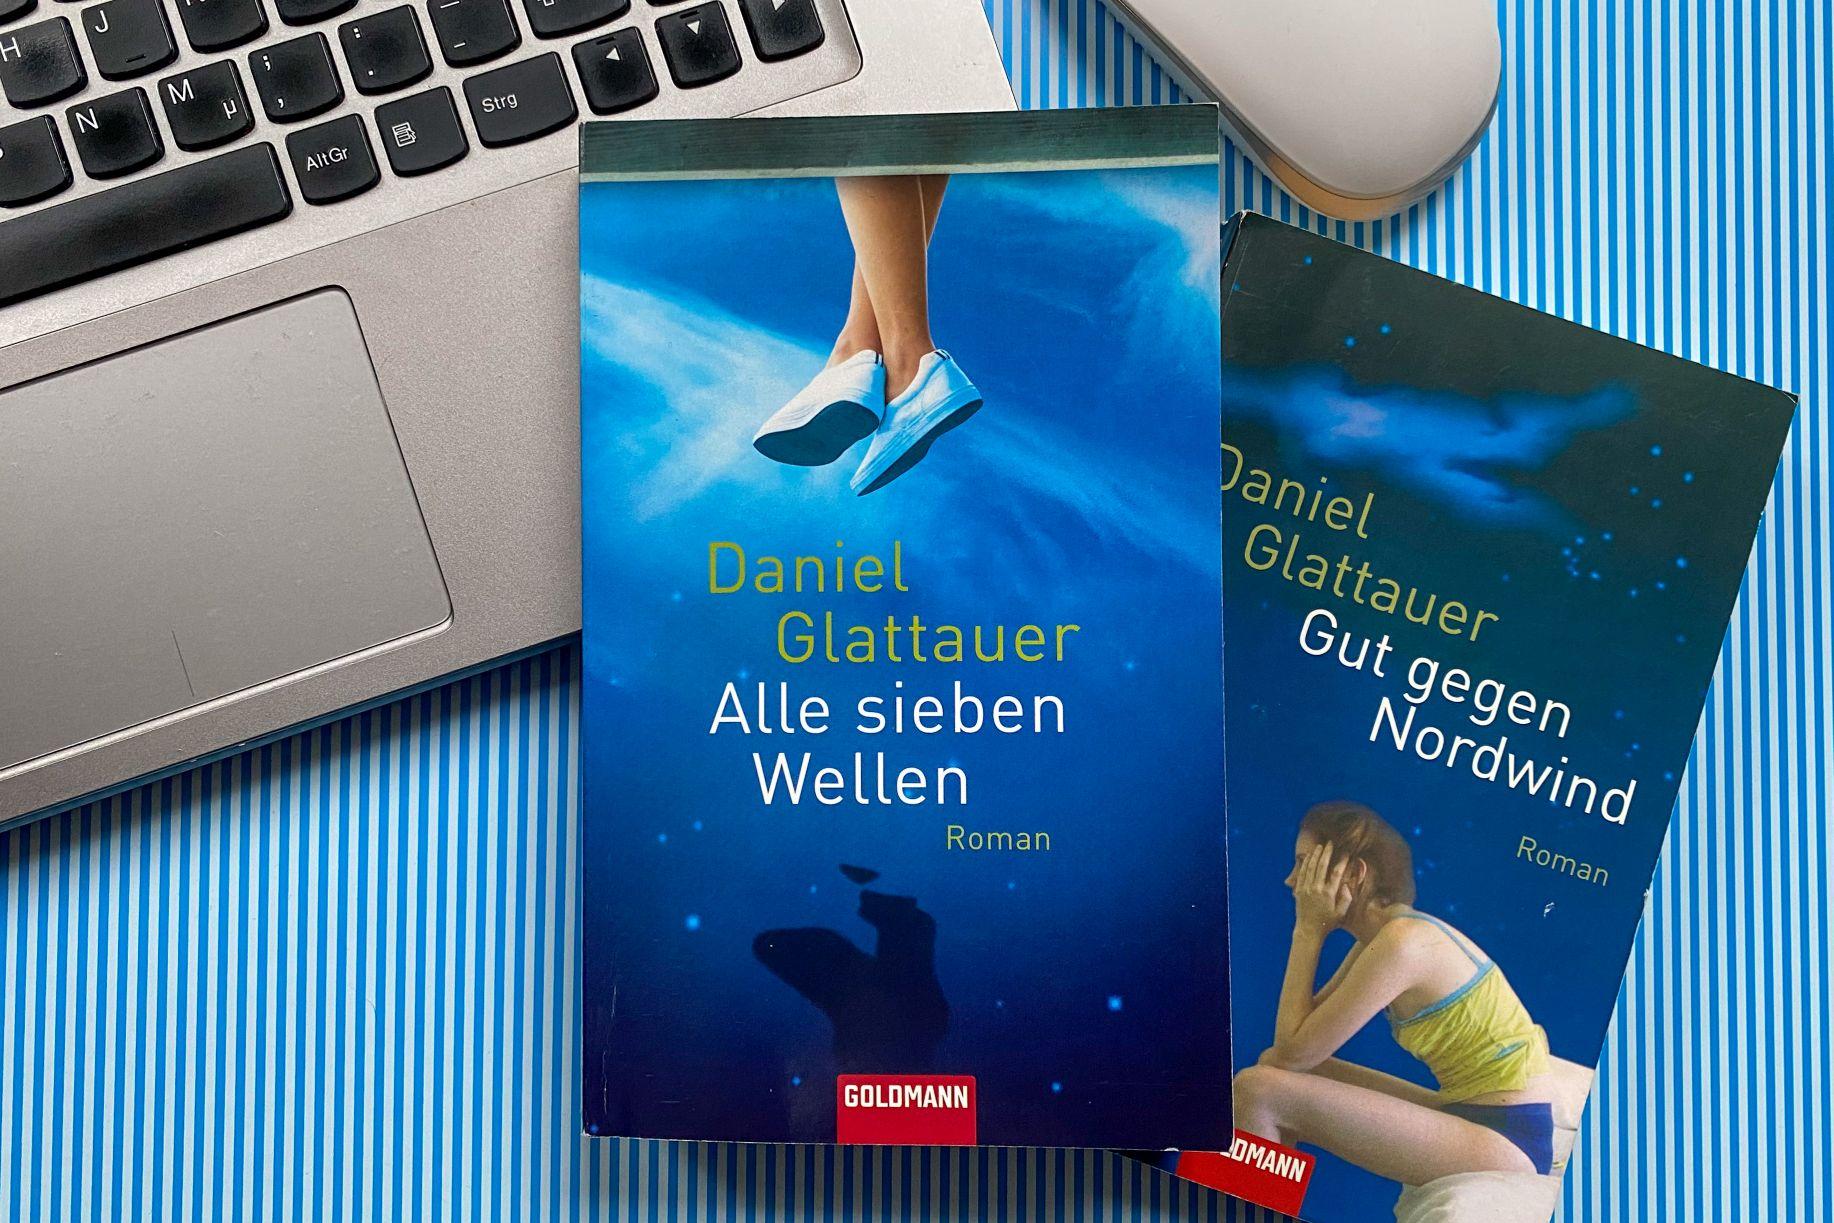 Daniel Glattauer Alle sieben Wellen Wien Österreich Liebesroman